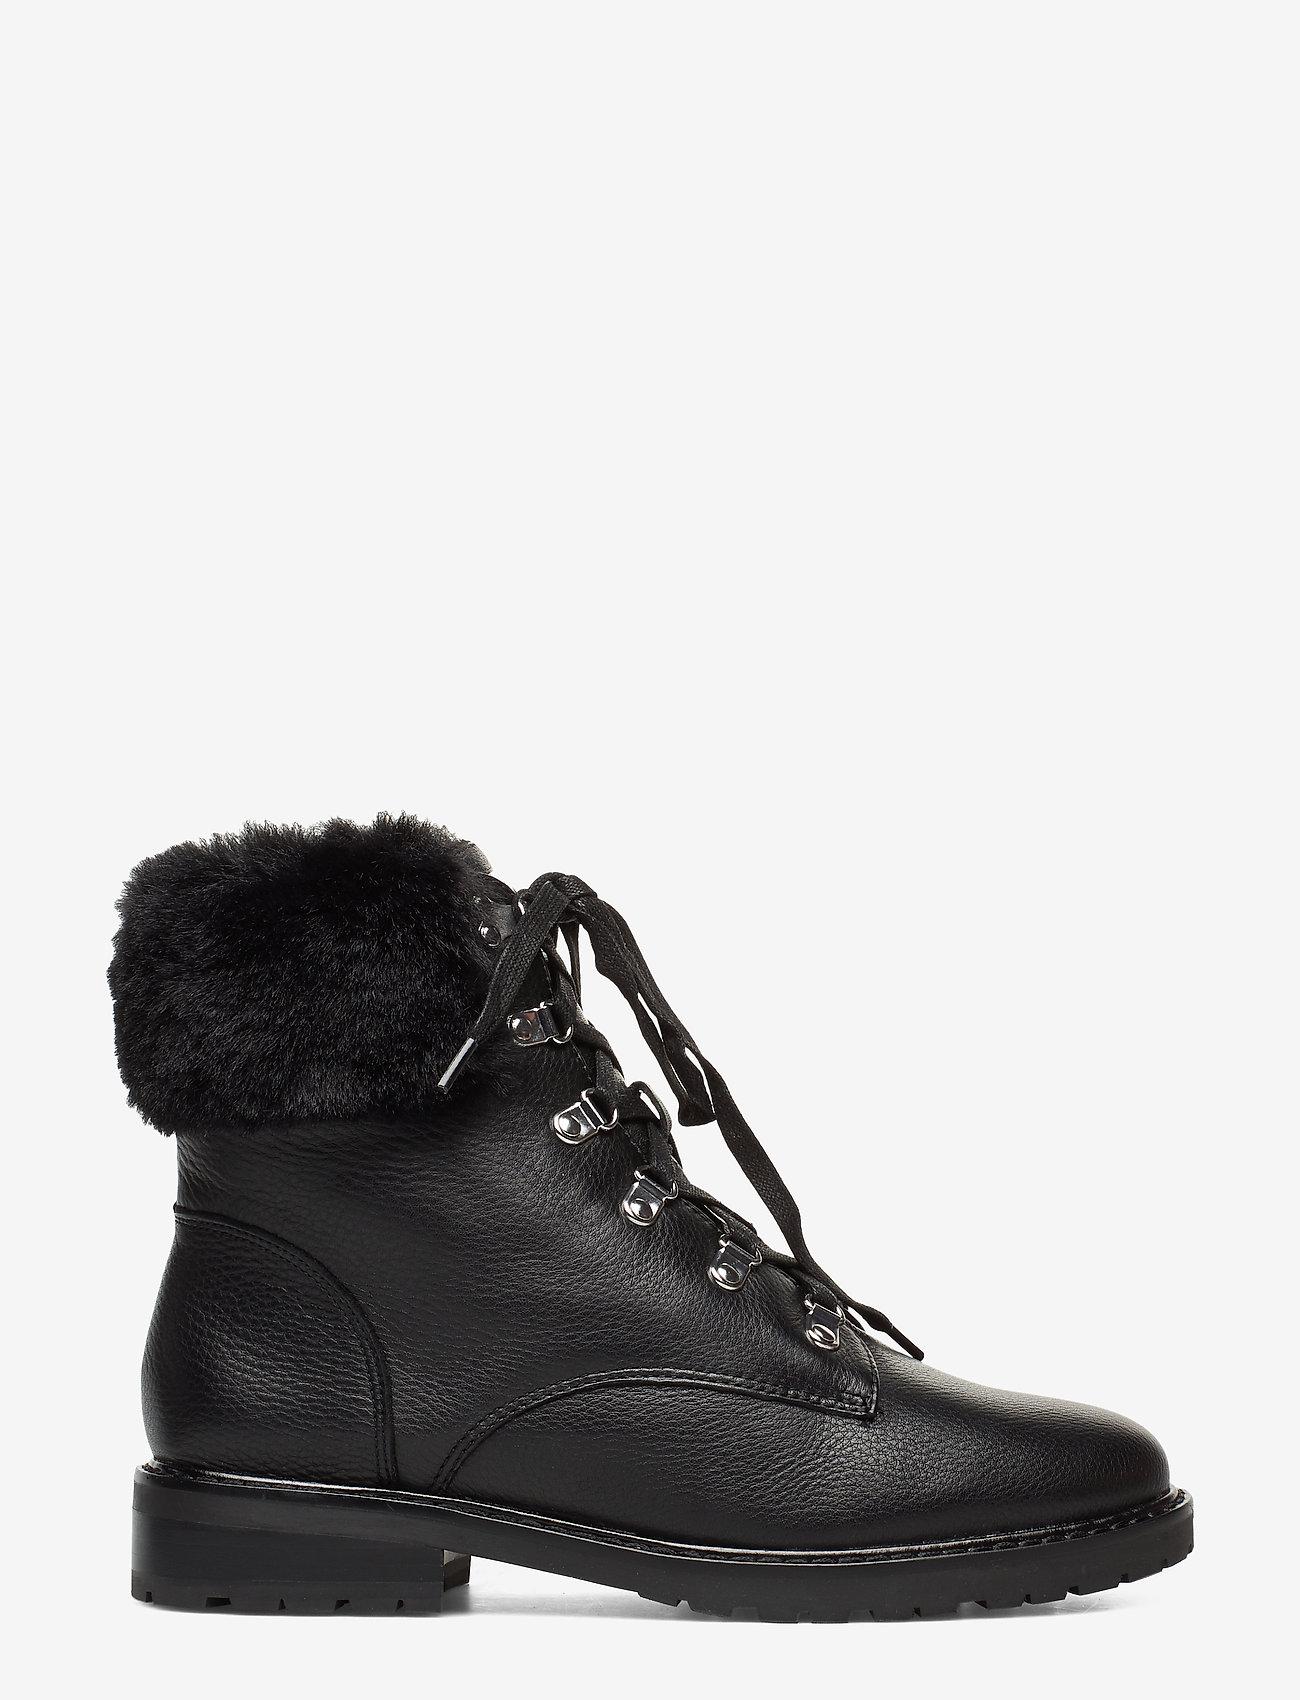 Lanescot-boots-waterproof (Black/black) - Lauren Ralph Lauren kn8UgL